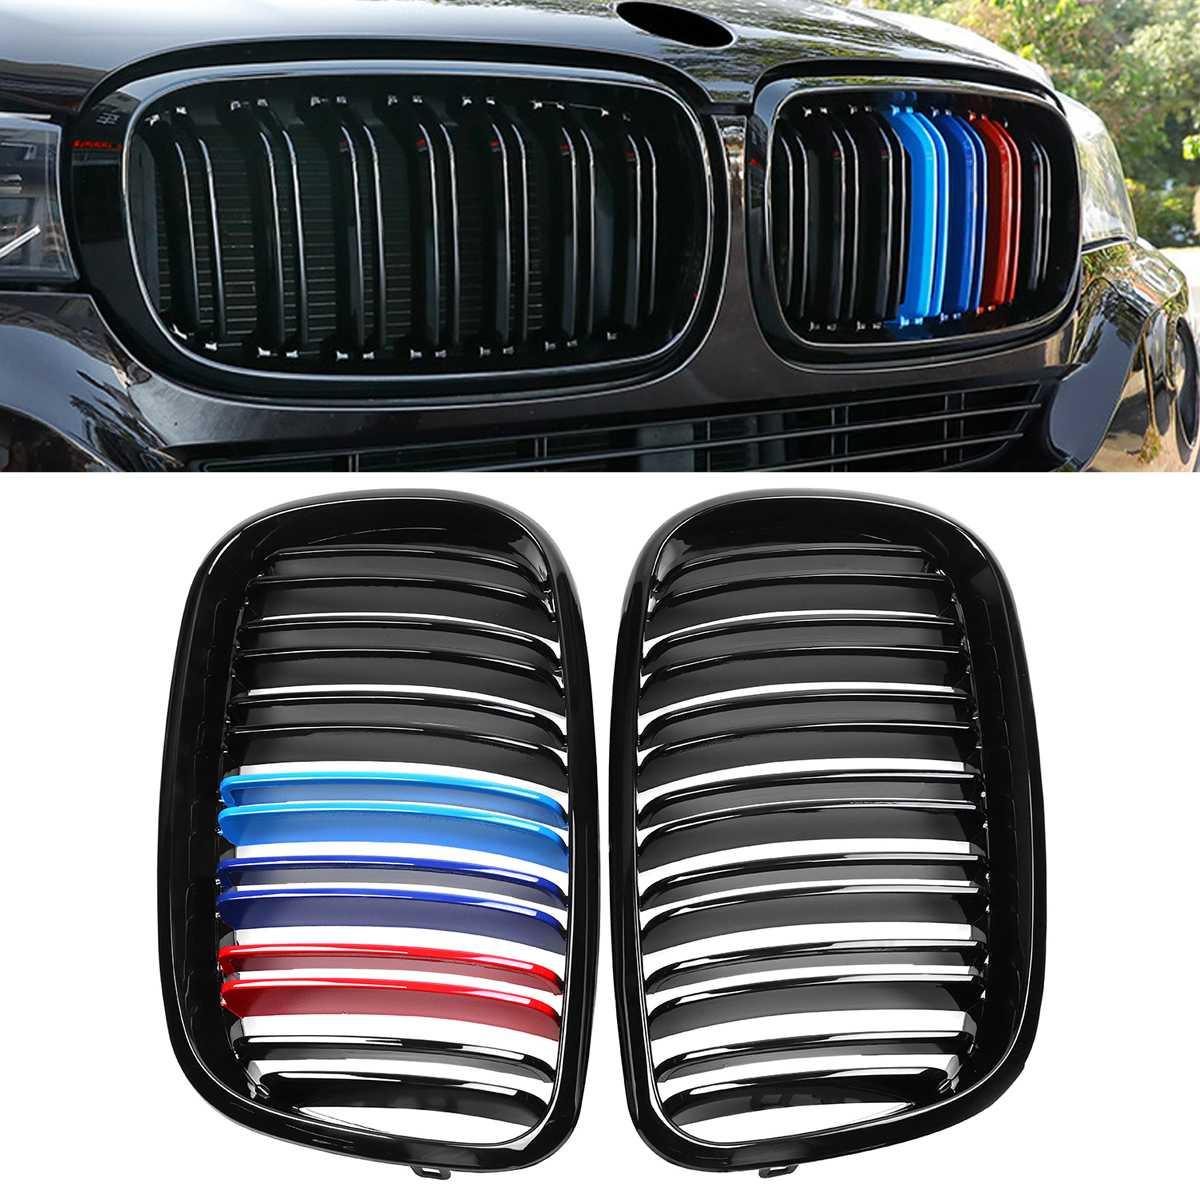 Une Paire Pour 2007-2013 Pour BMW X5 X6 E70 E71 Voiture Pare-chocs Avant Grille Grill Cover Version Rein brillant Noir M-Couleur